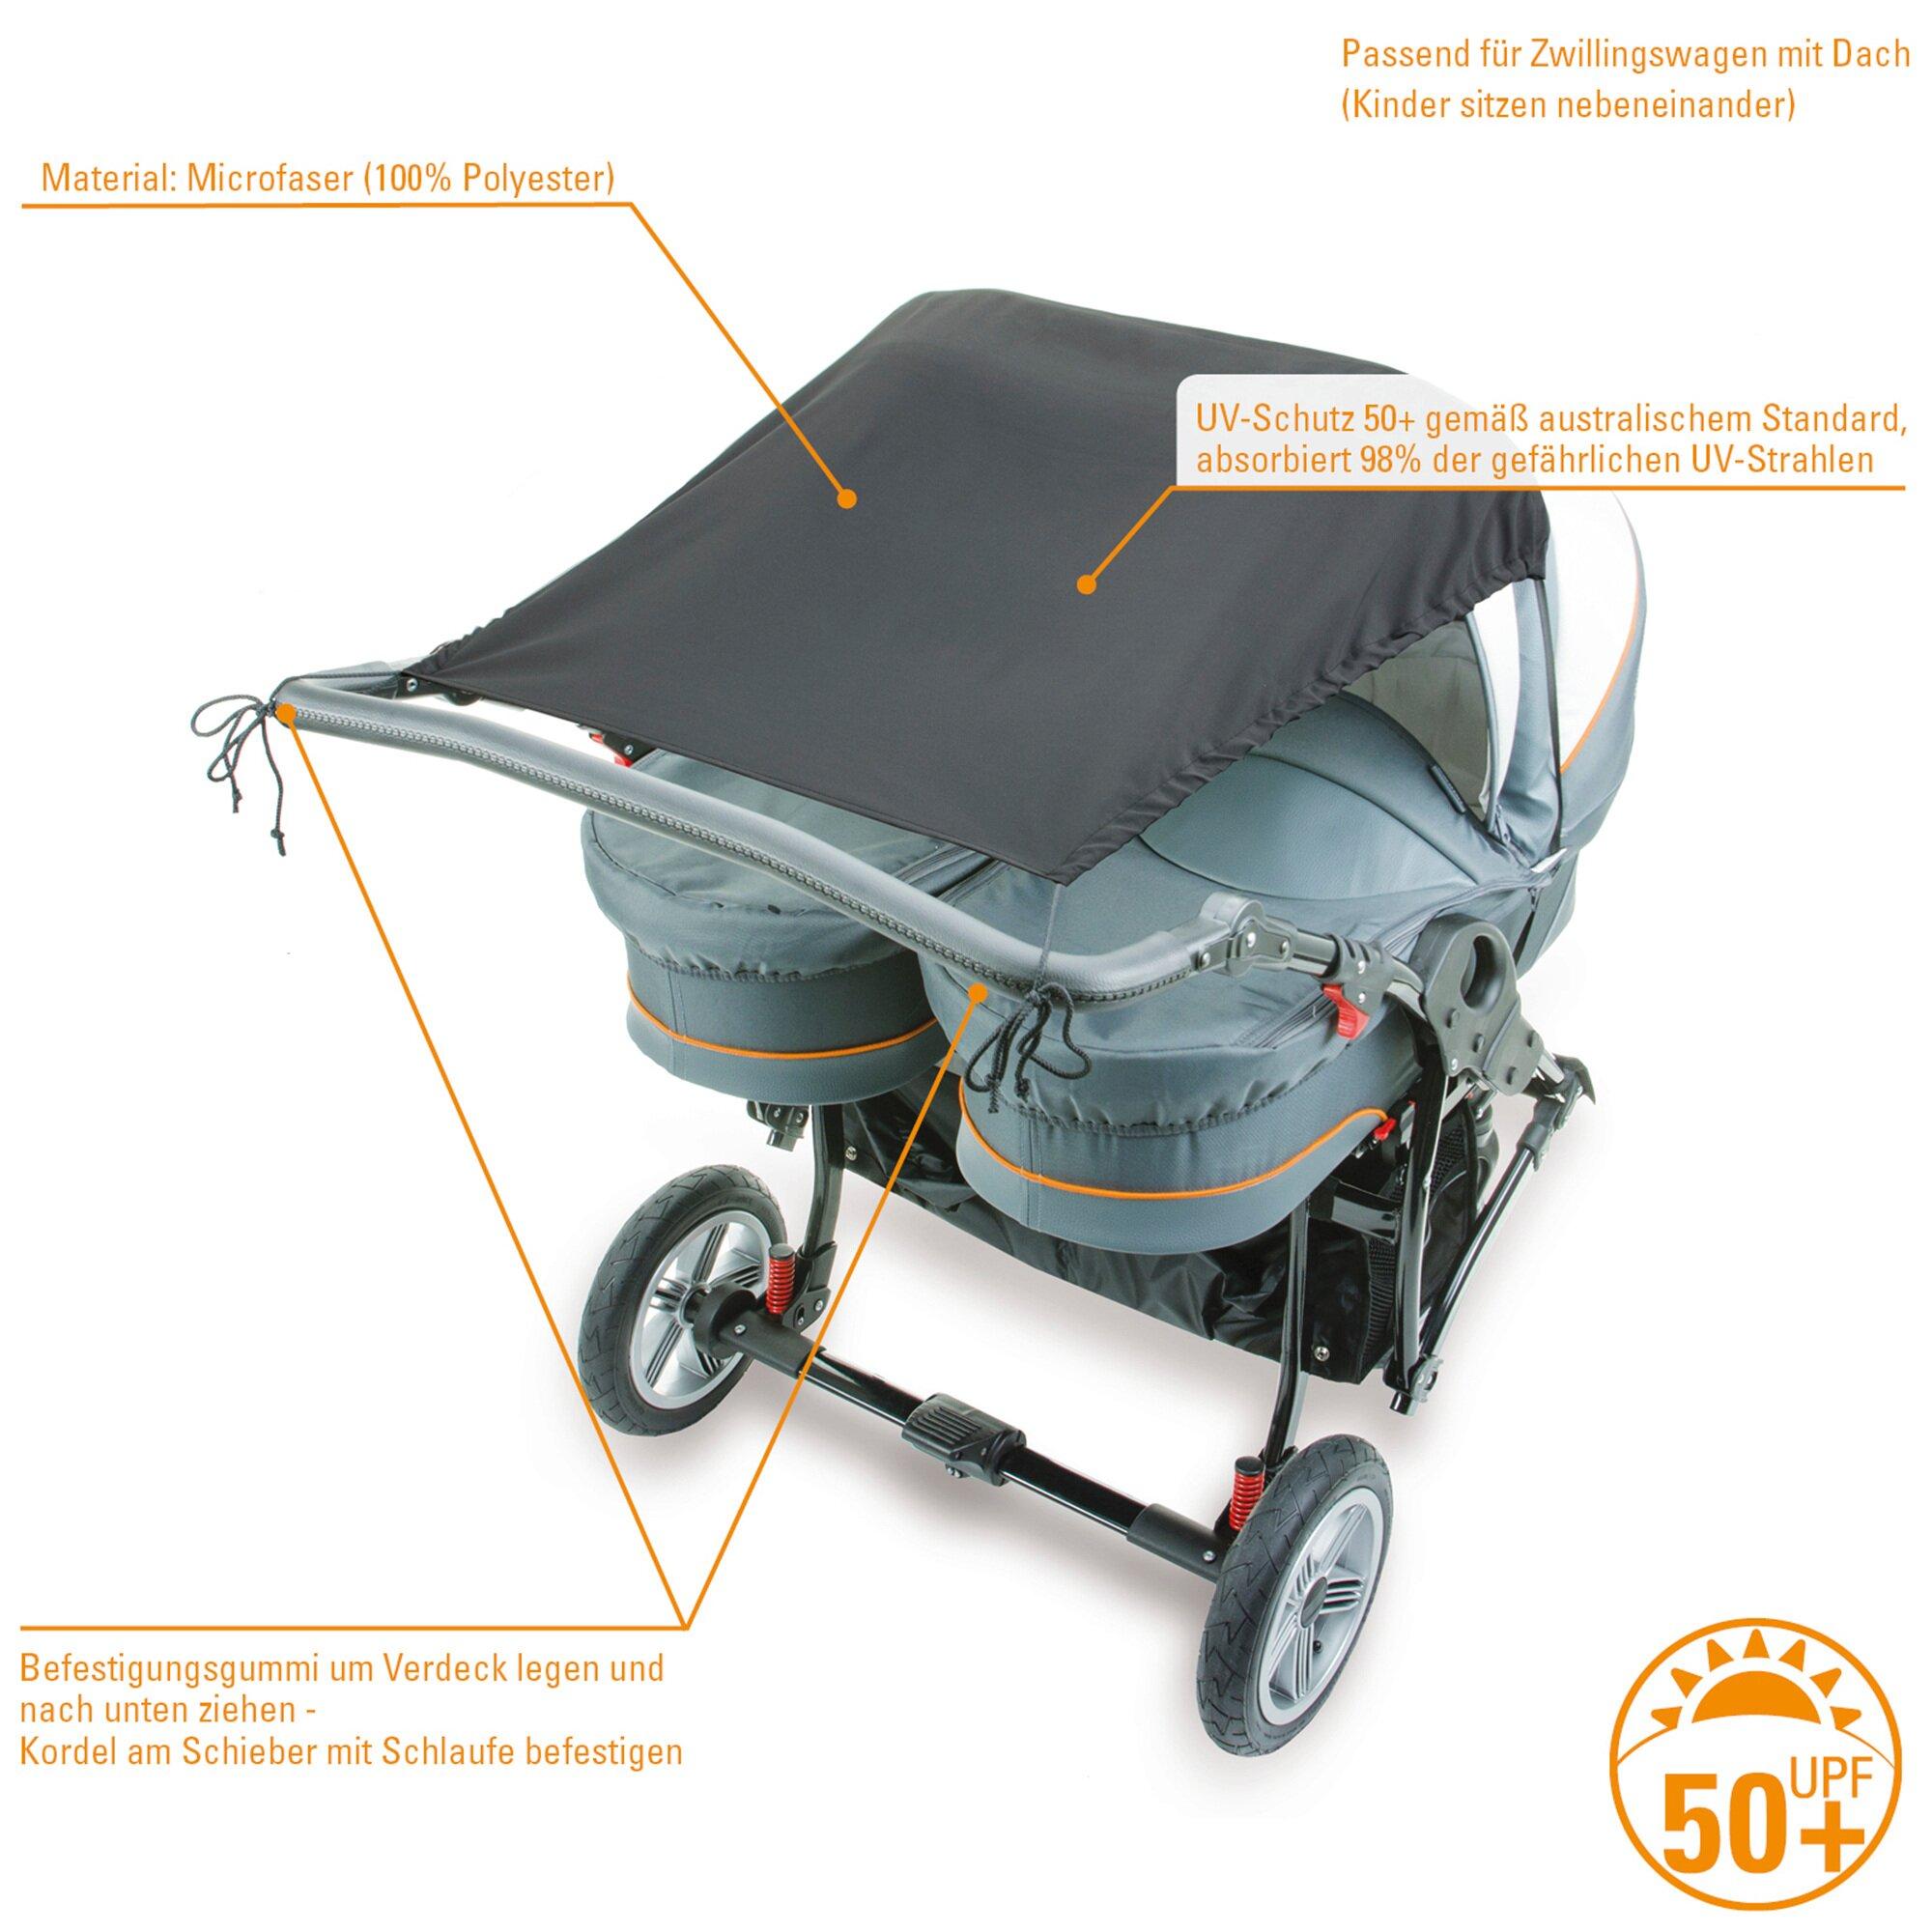 Diago Sonnensegel mit UV-Schutz für Kinderwagen Zwillingswagen